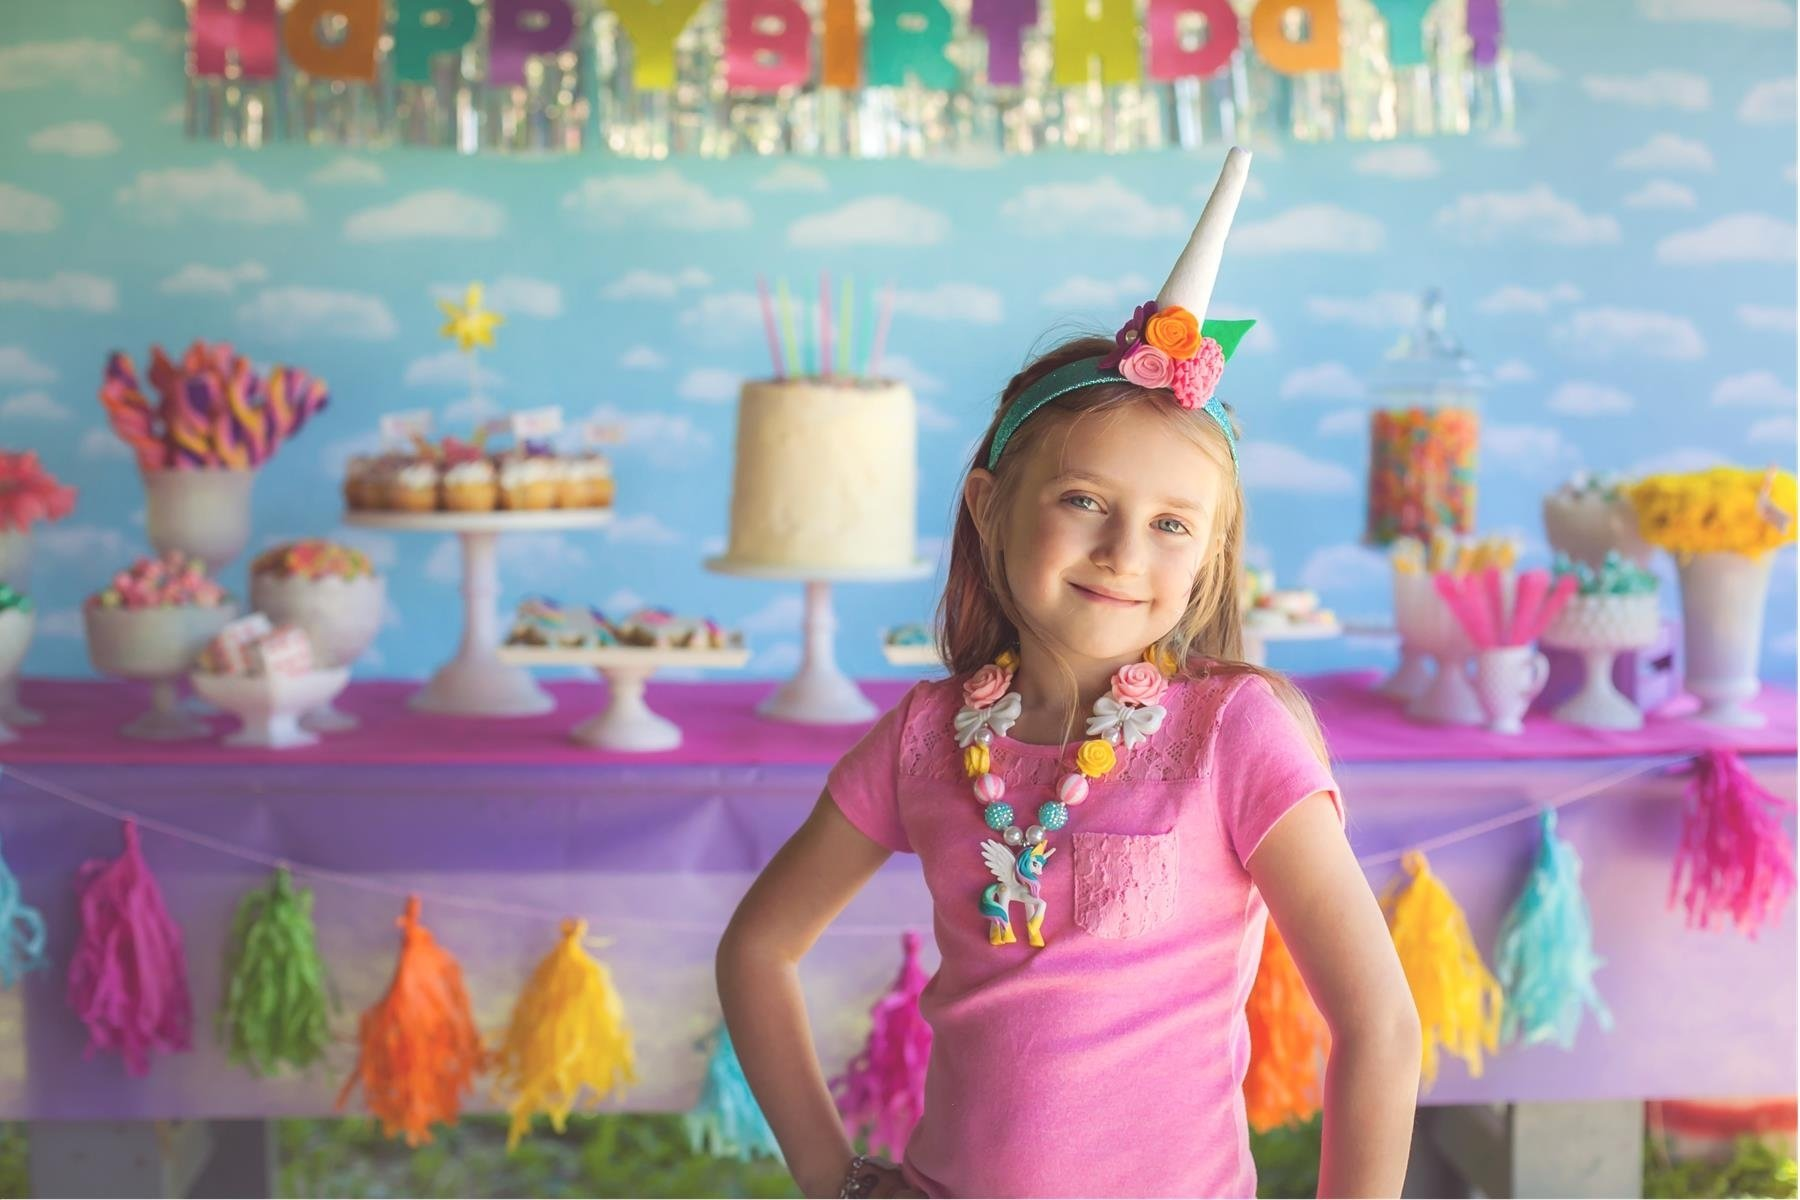 10 Pretty My Little Pony Birthday Party Ideas my little pony party ideas the homespun hostess 2021